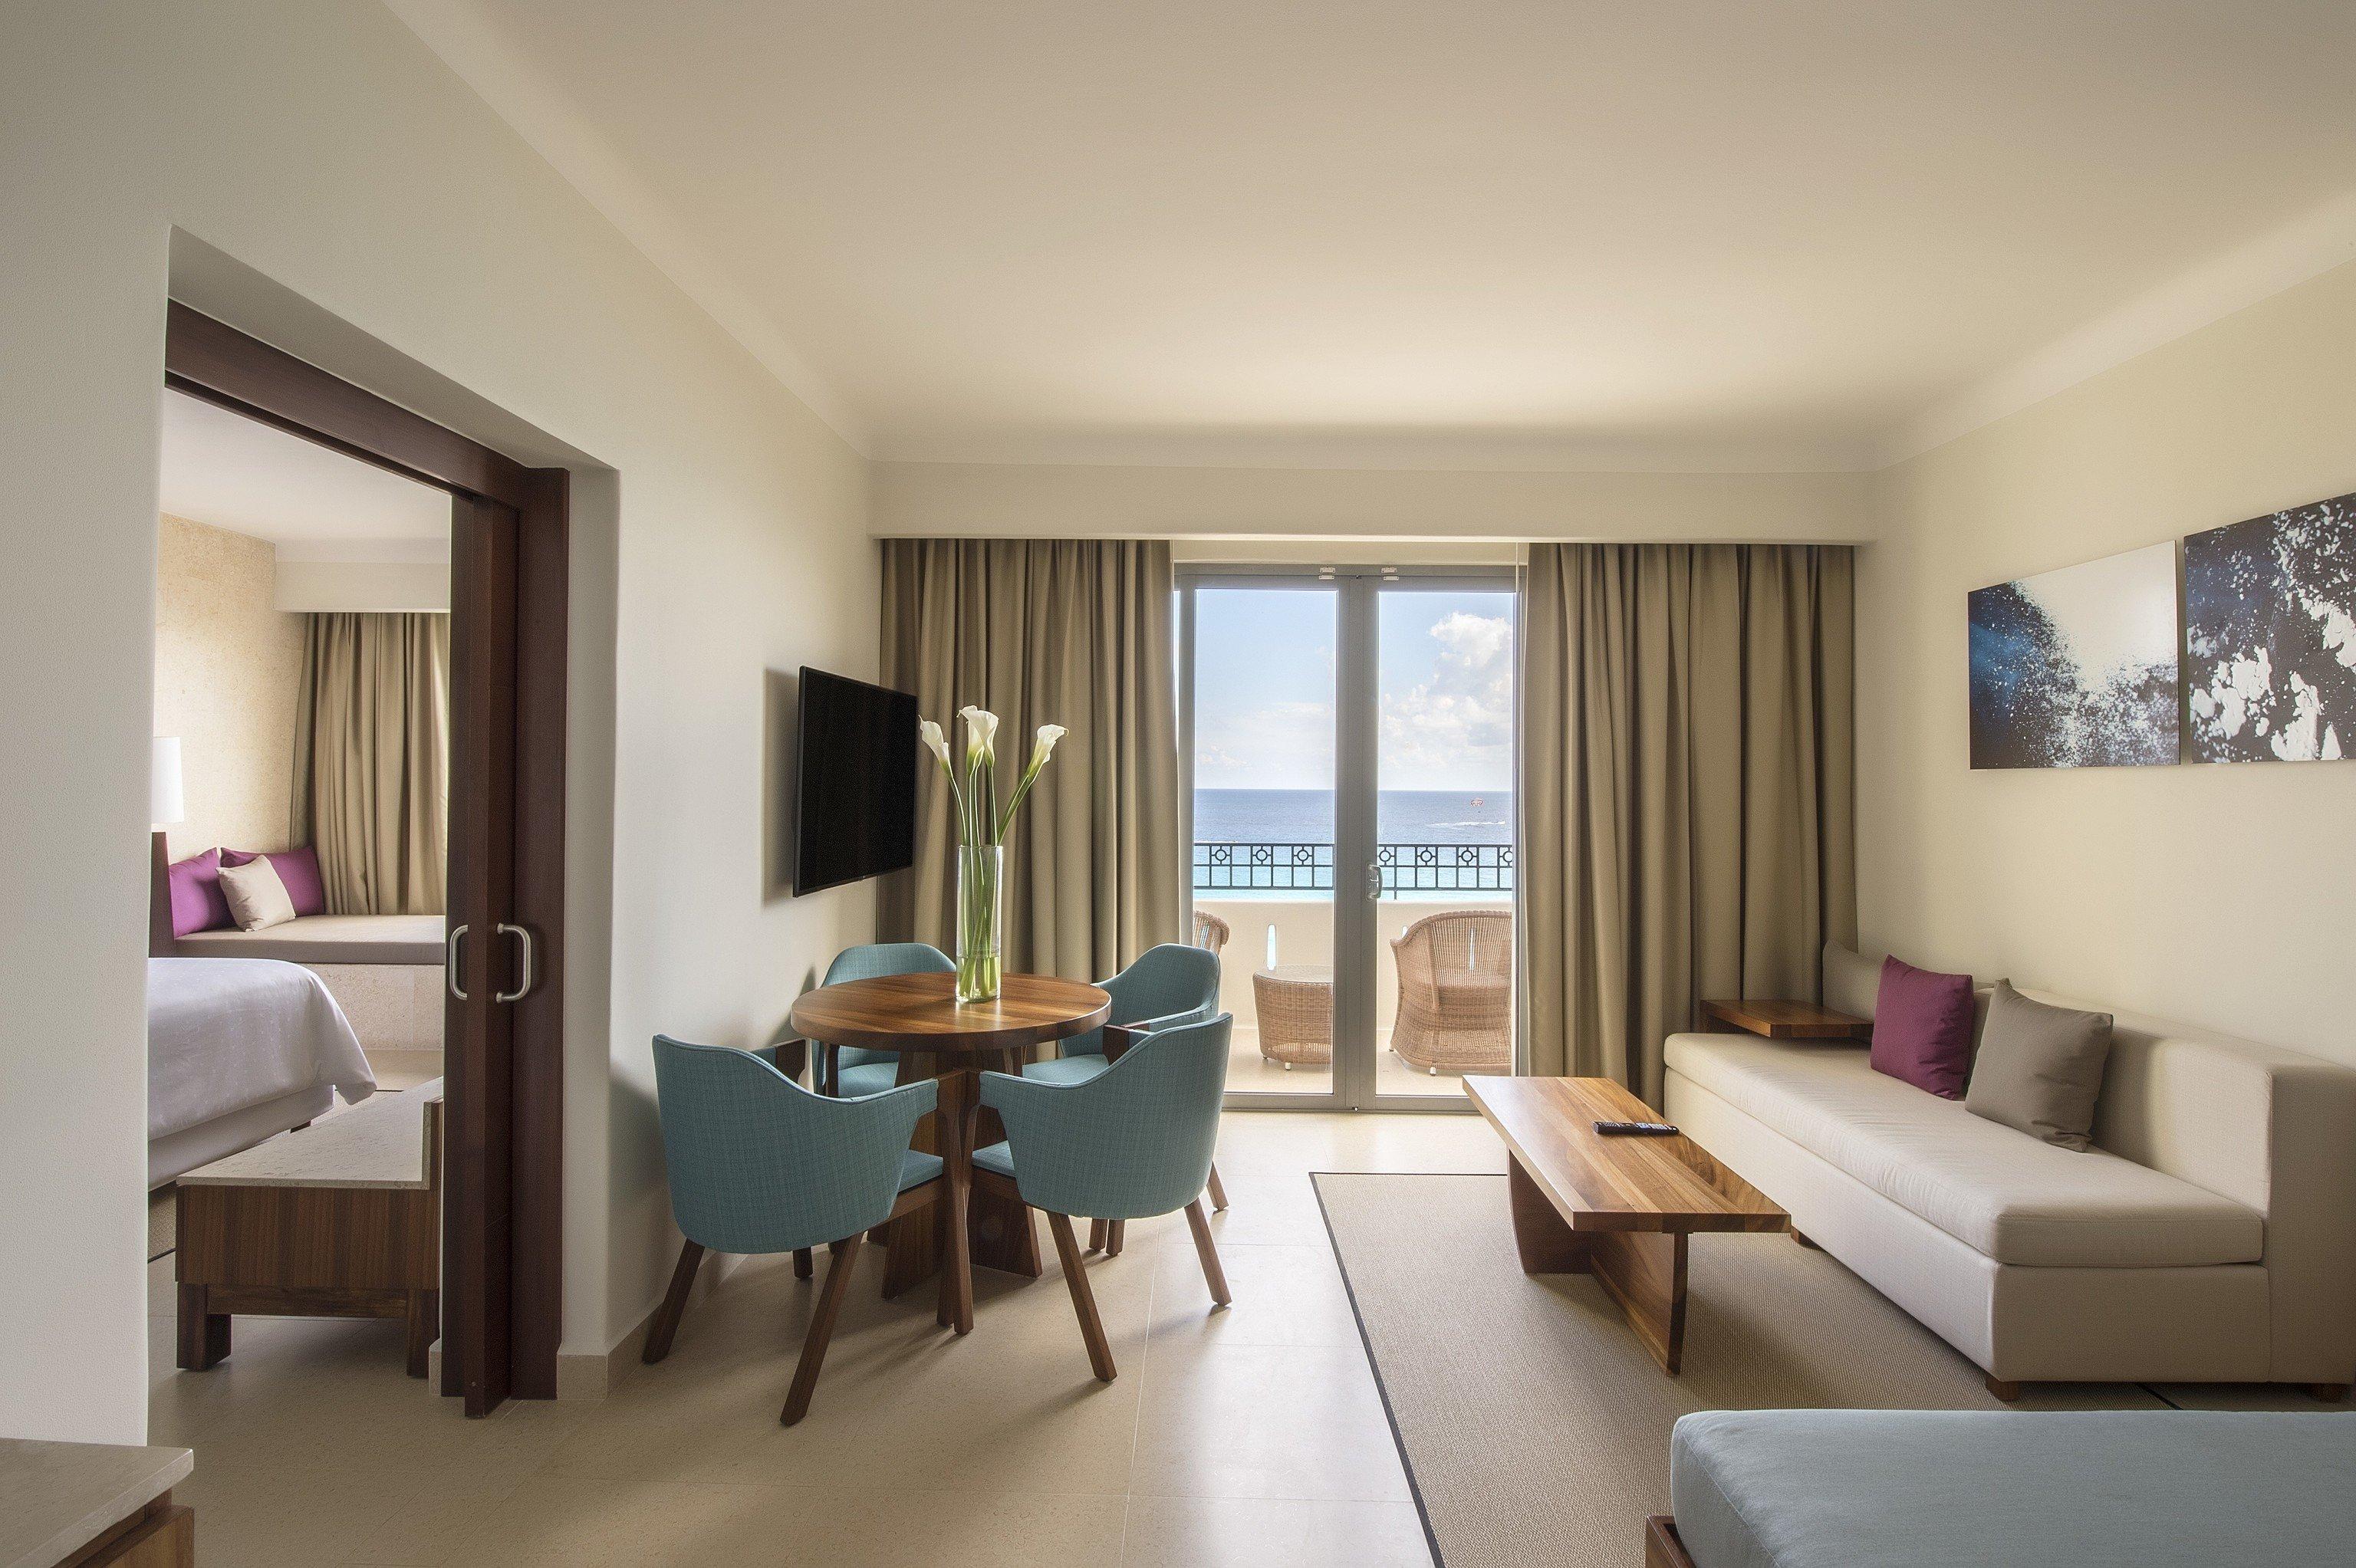 sofa Suite living room interior designer penthouse apartment Bedroom flat